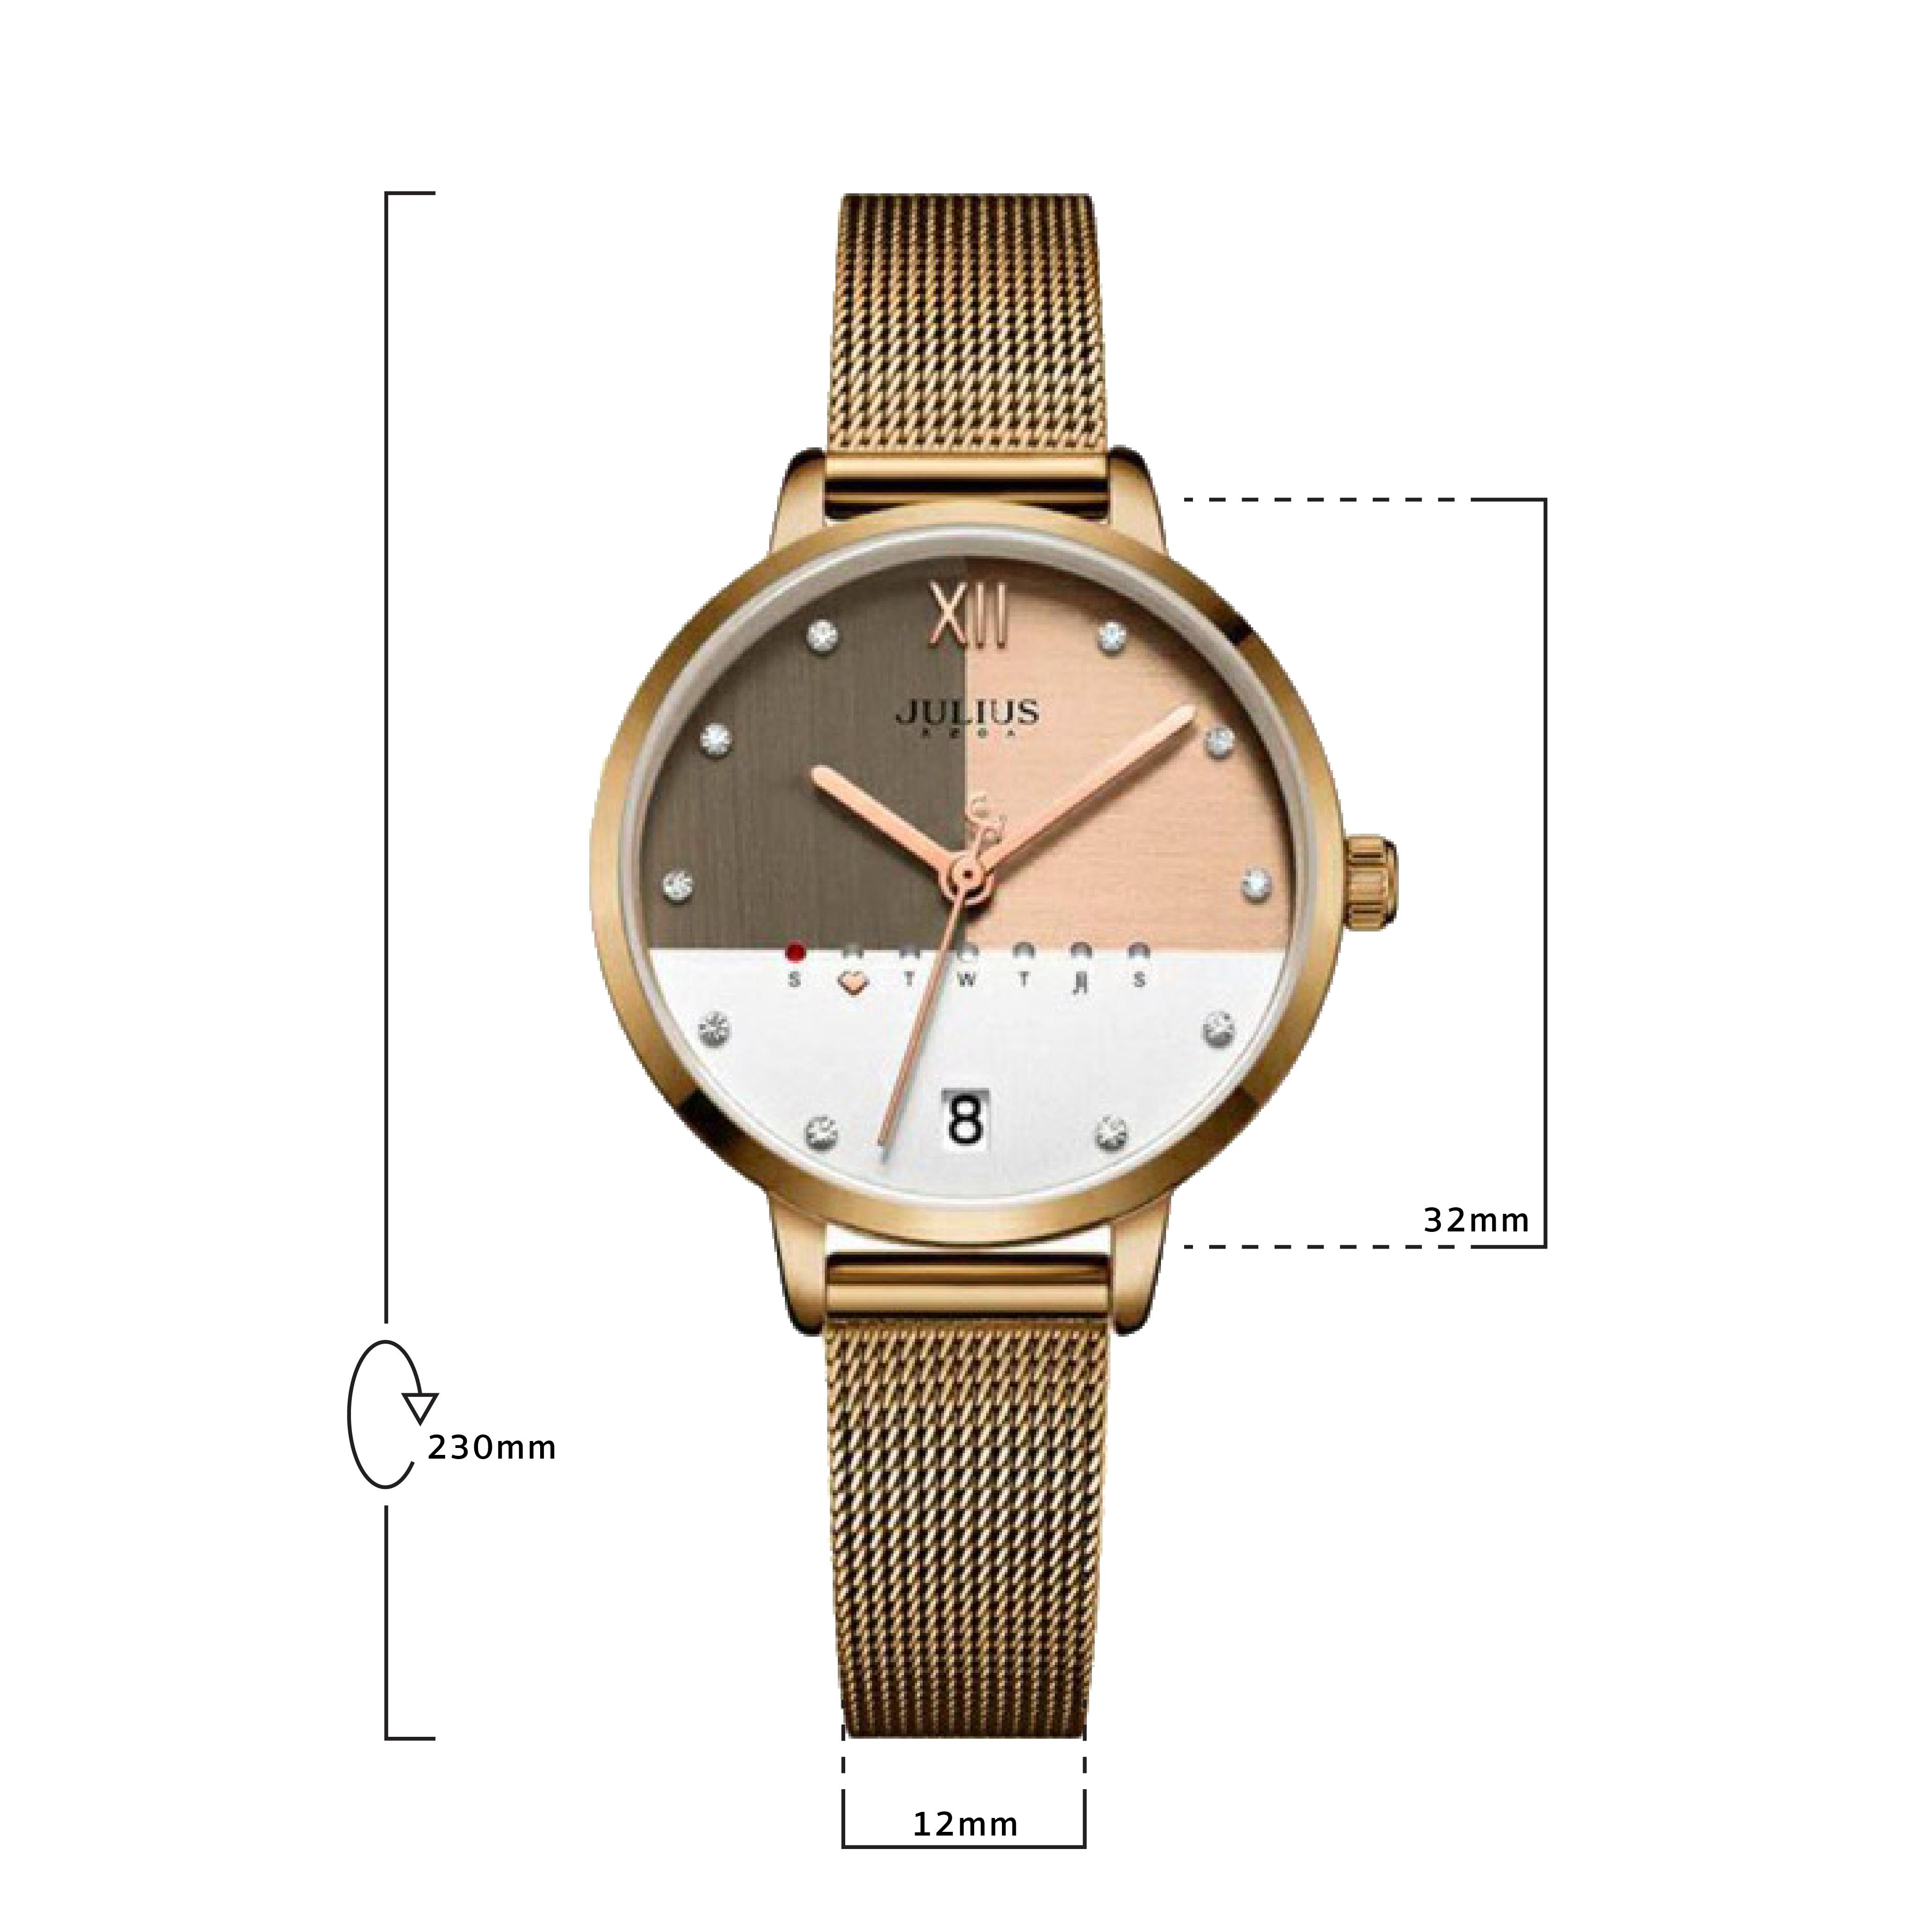 นาฬิกาข้อมือผู้หญิง JULIUS 1100E